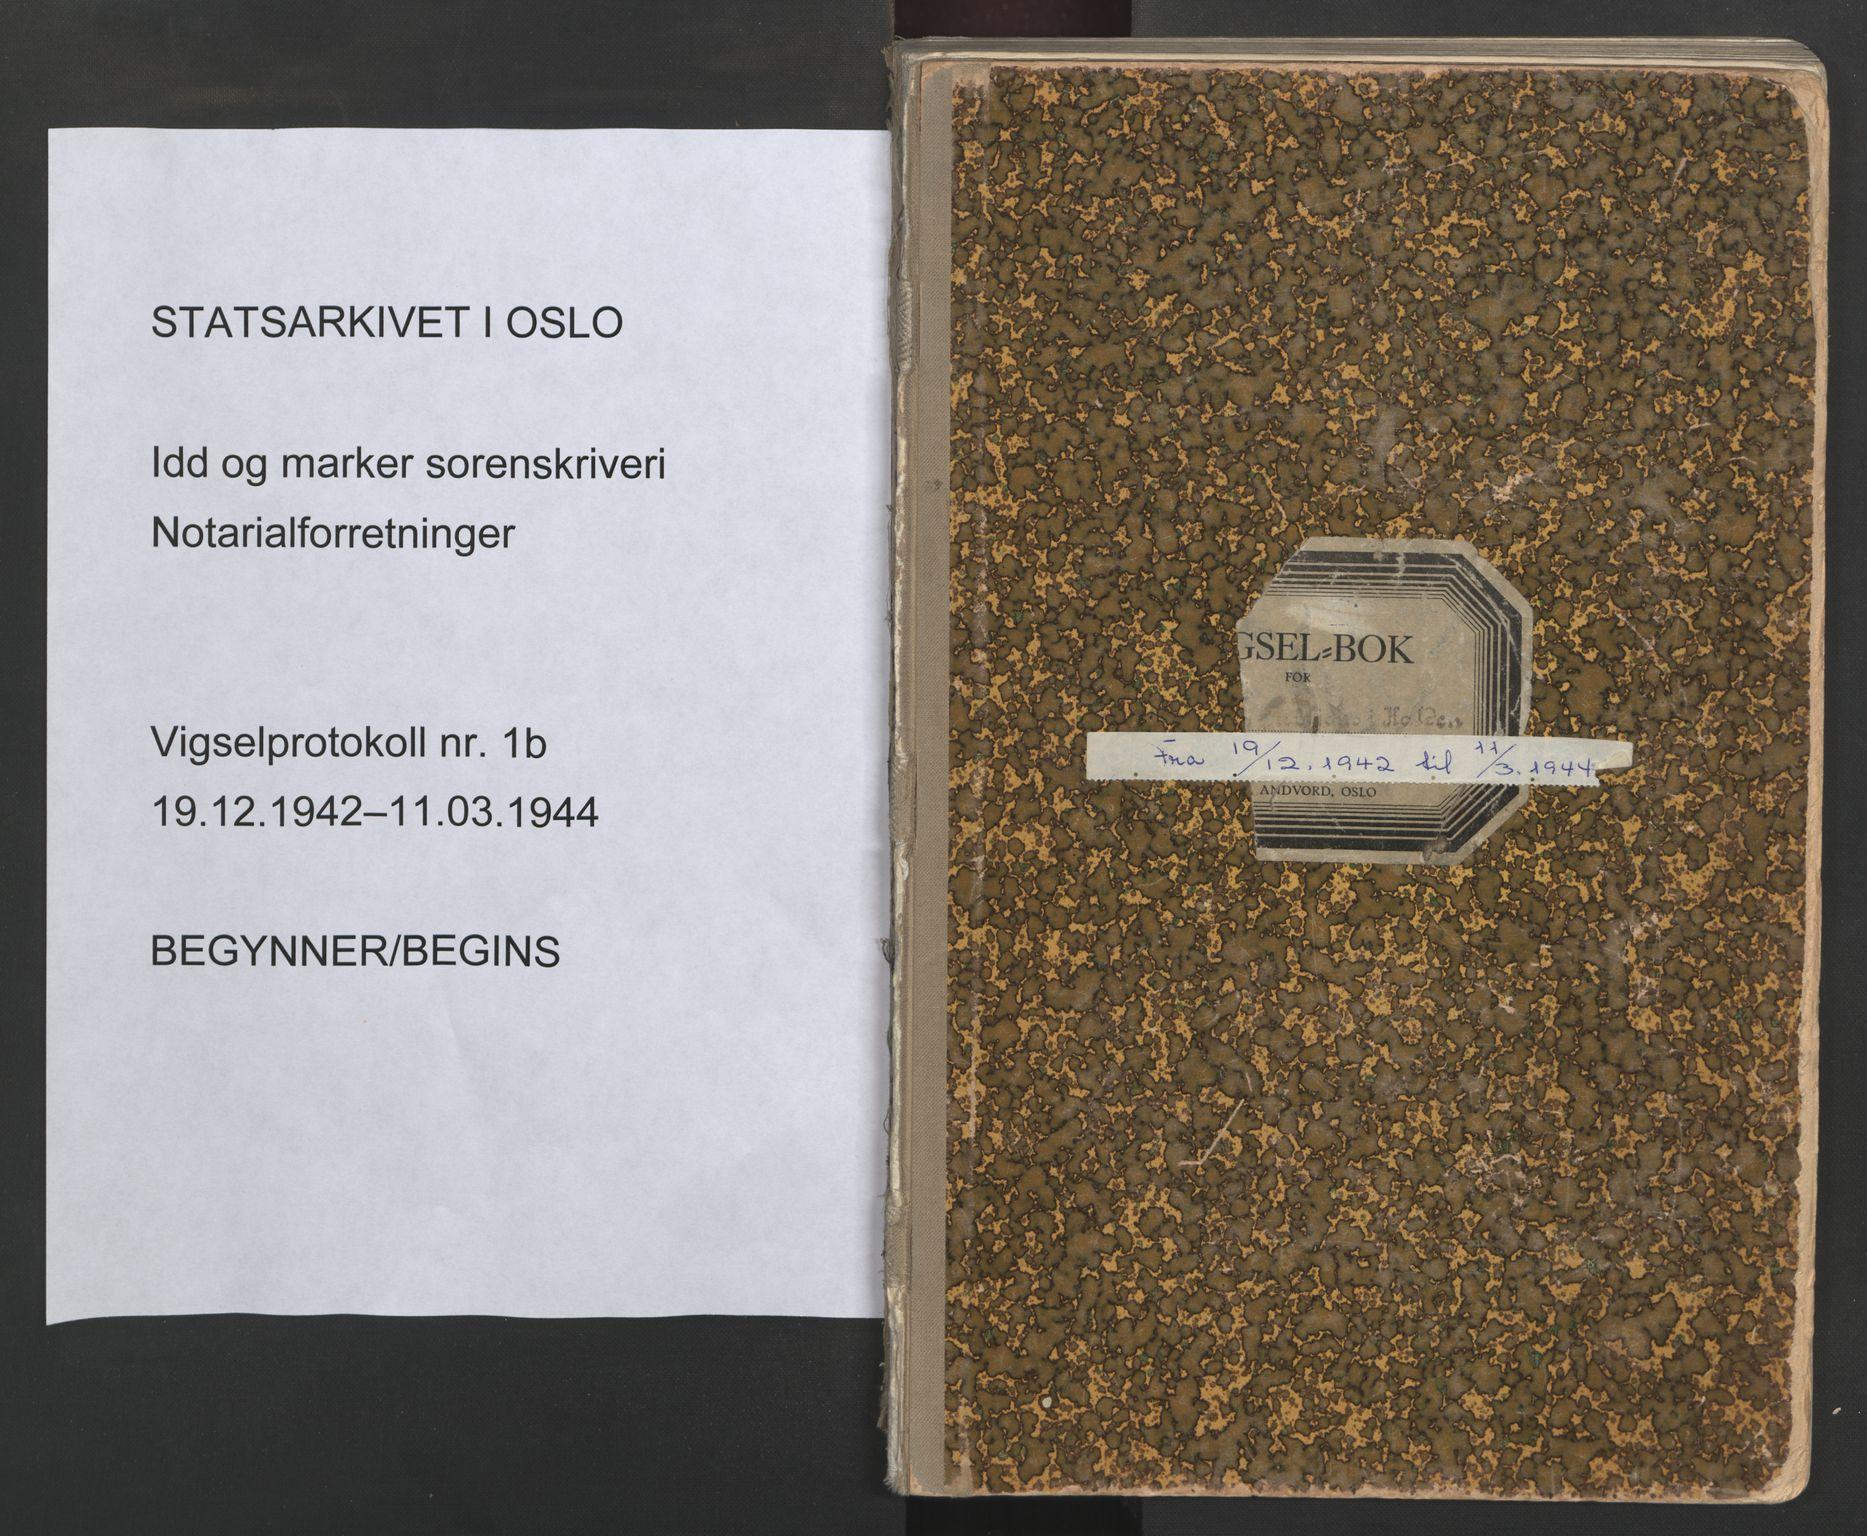 SAO, Idd og Marker sorenskriveri, L/Lc/L0001: Vigselsbøker, 1942-1944, s. upaginert